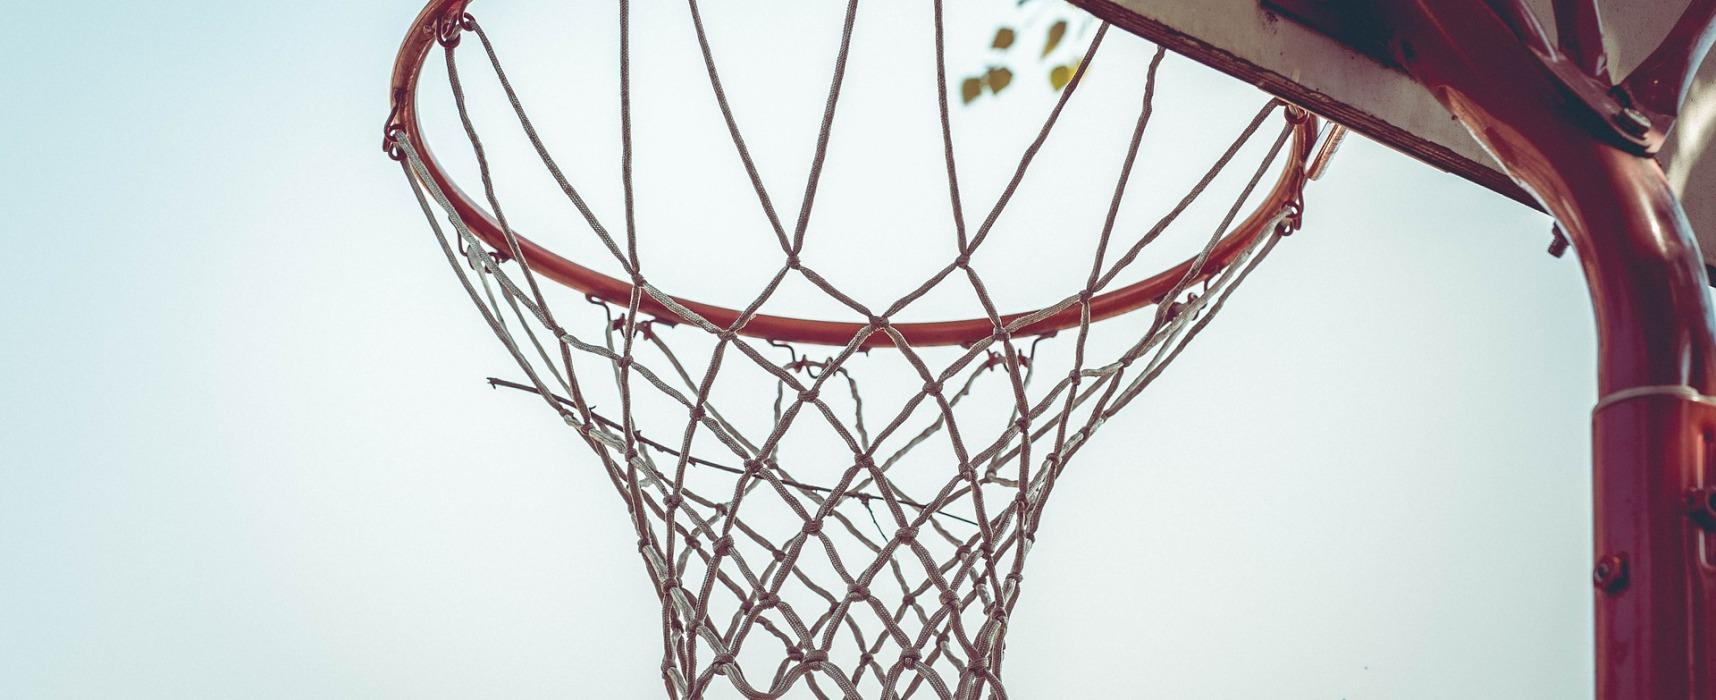 Seconda giornata di gare della fase finale regionale del torneo internazionale di minibasket organizzato dal Cefa Basket